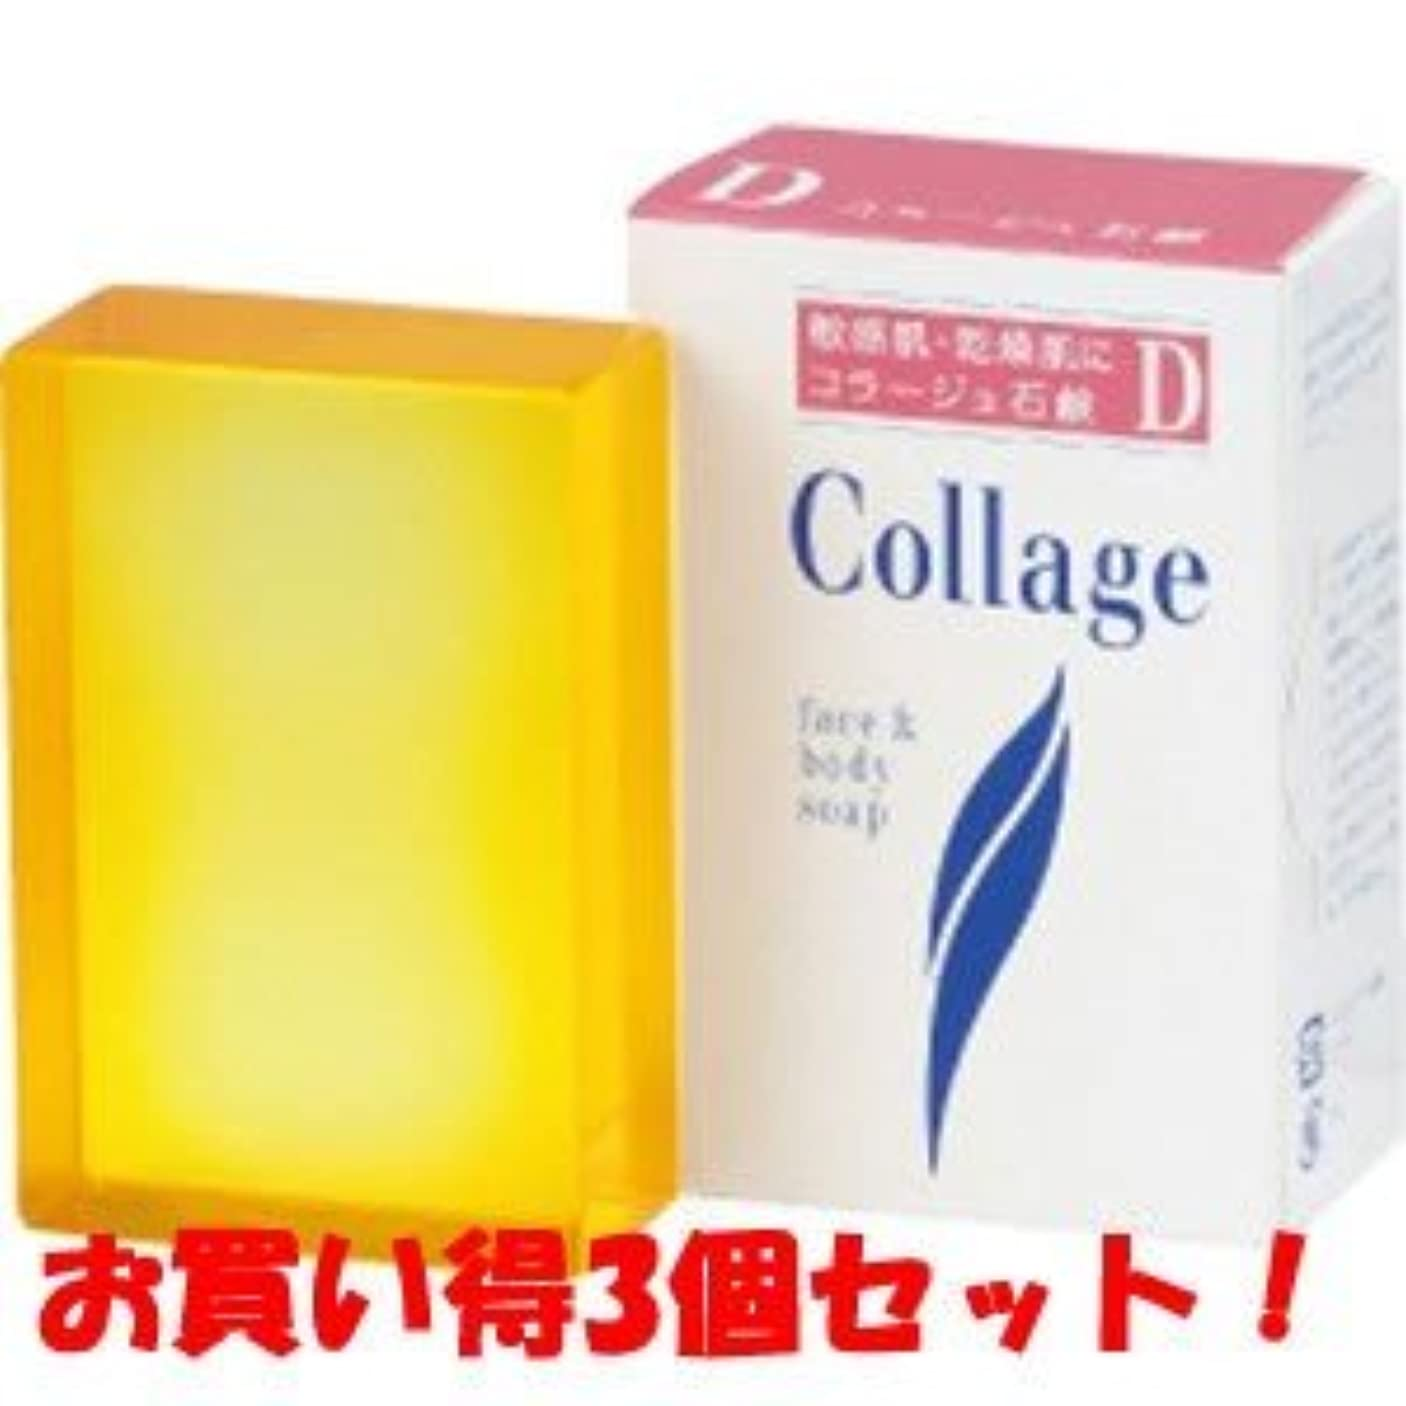 彼は暗記する権利を与える(持田ヘルスケア)コラージュD乾性肌用石鹸 100g(お買い得3個セット)